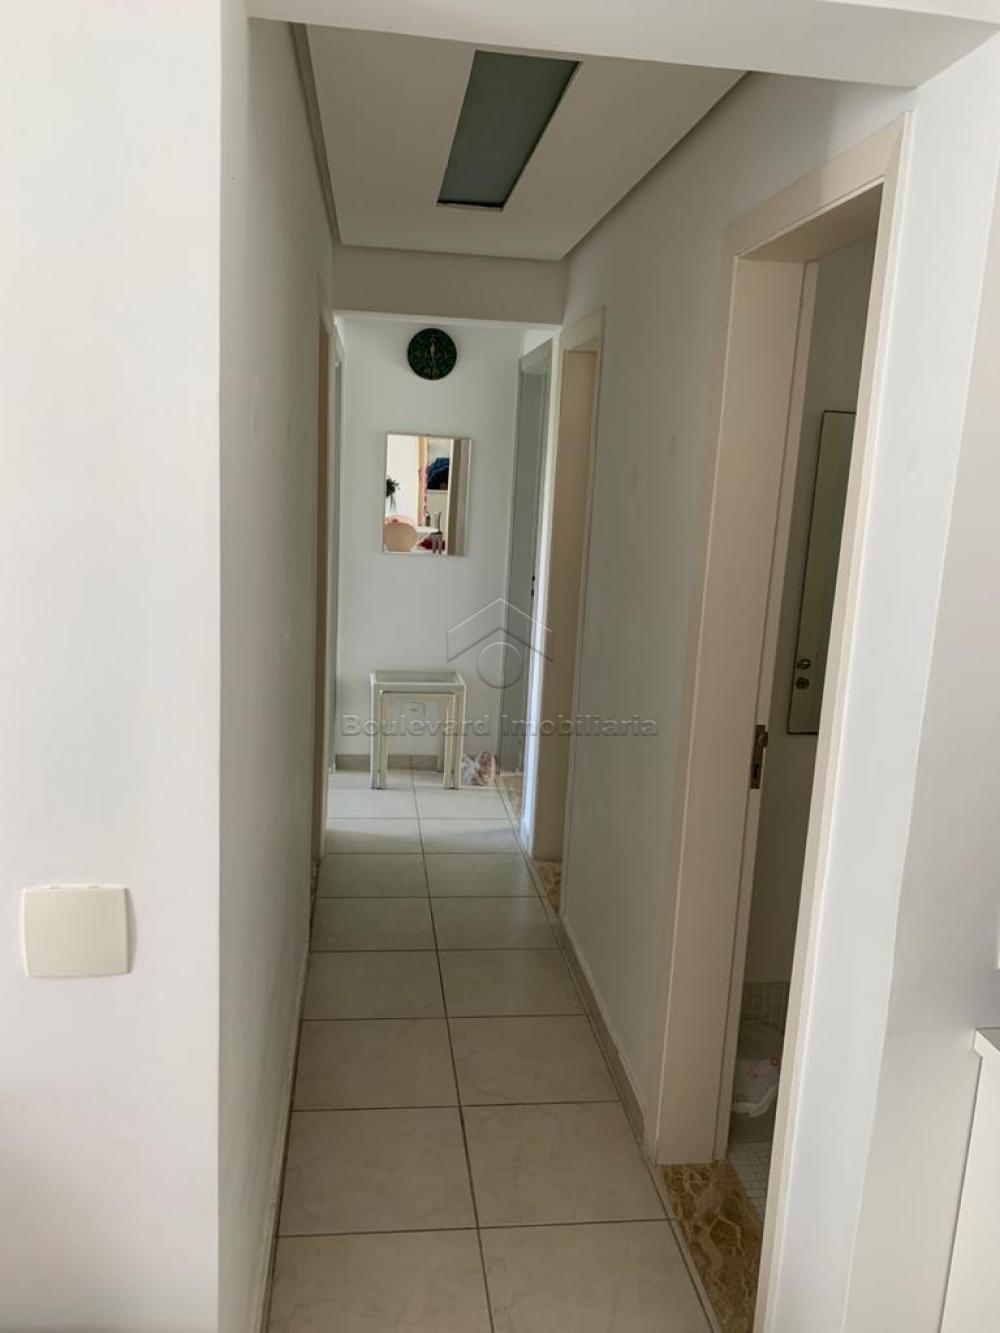 Alugar Apartamento / Padrão em Guarujá apenas R$ 2.300,00 - Foto 9